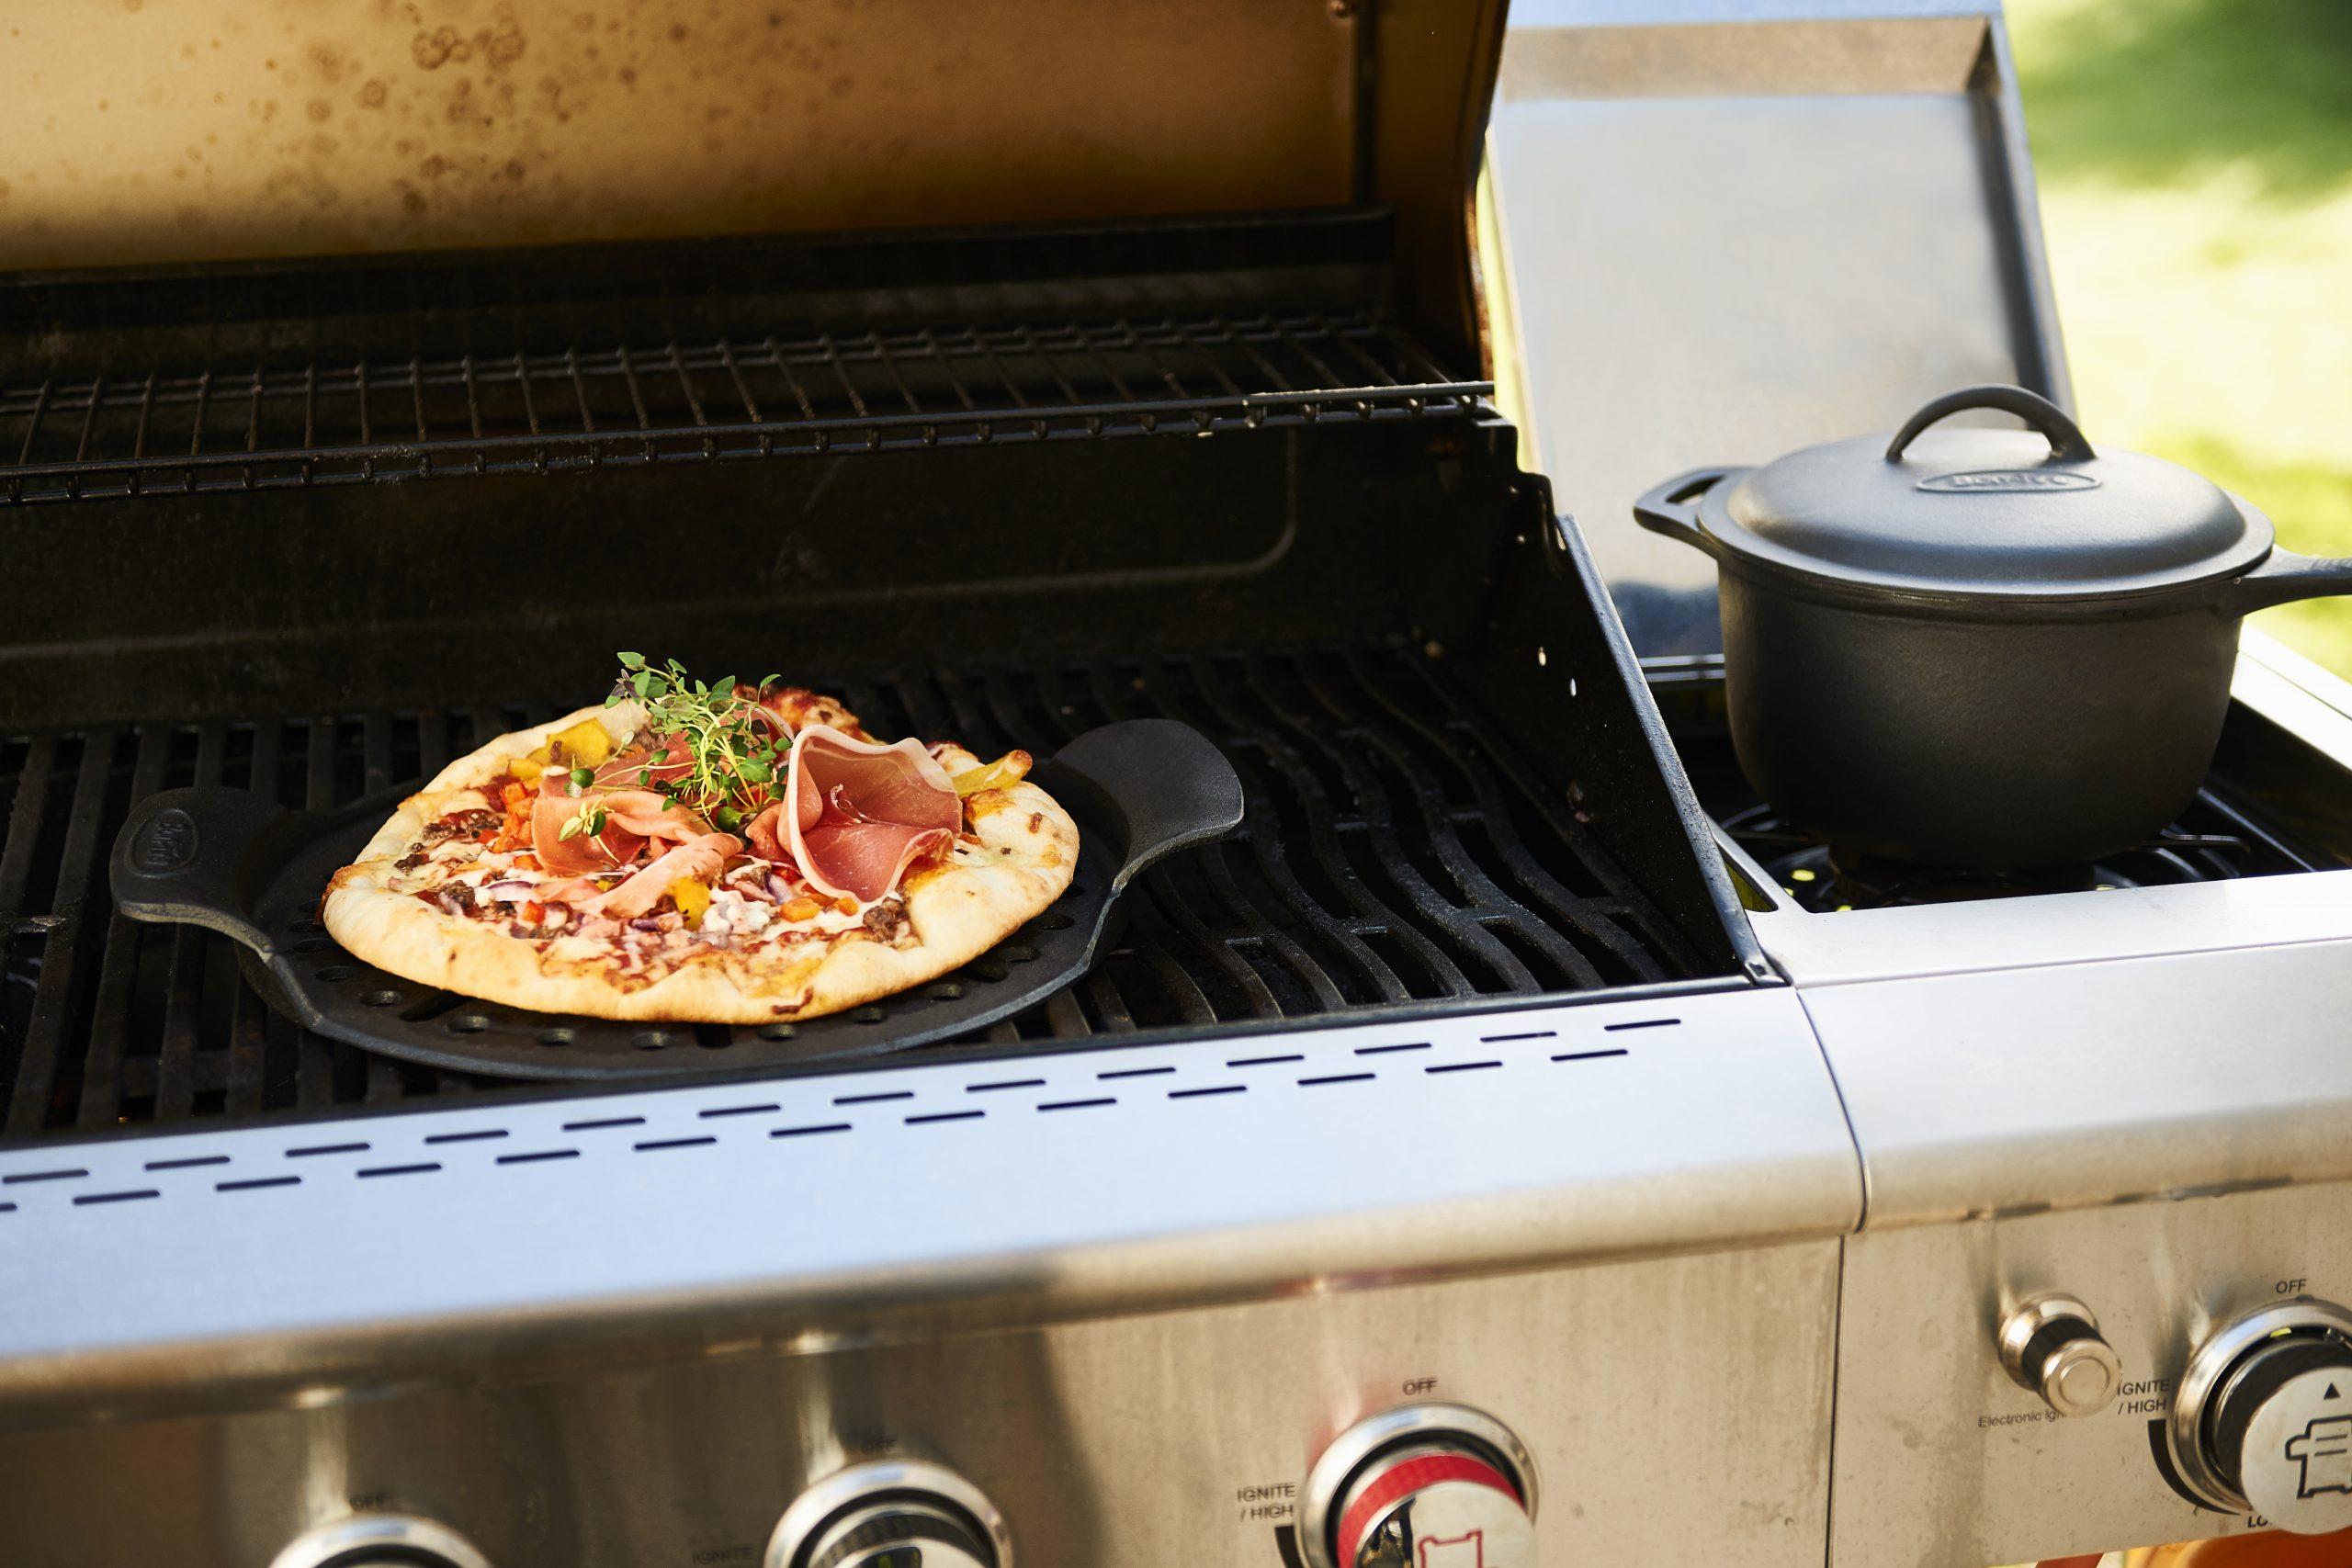 Bon-fire Pizzaplade og Kasserolle i støbejern på gasgrill.